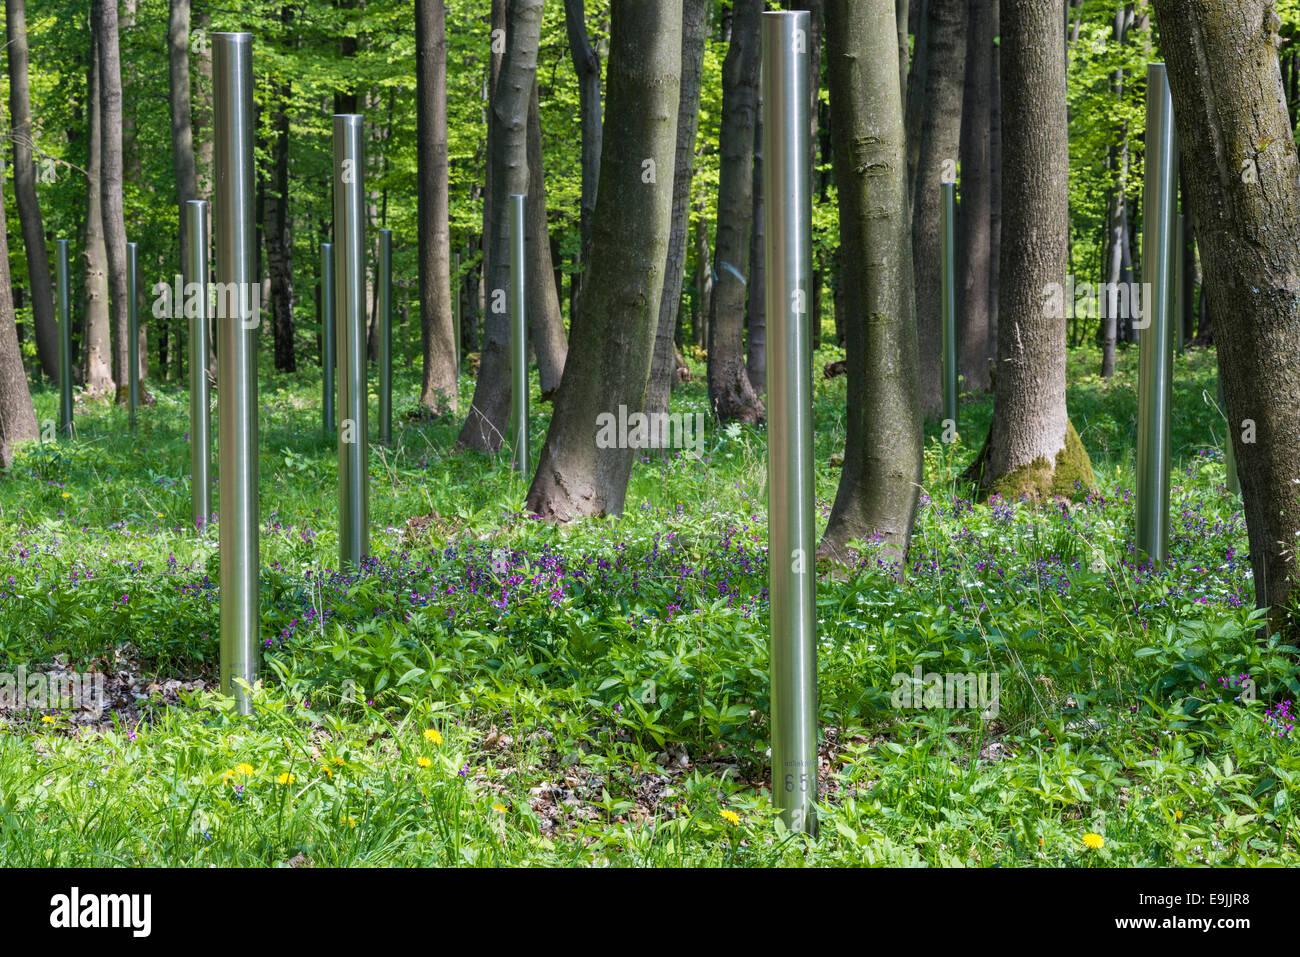 Memorial Buchenwald, numerados estelas de acero inoxidable en el bosque, lápidas simbólicas por los muertos Imagen De Stock